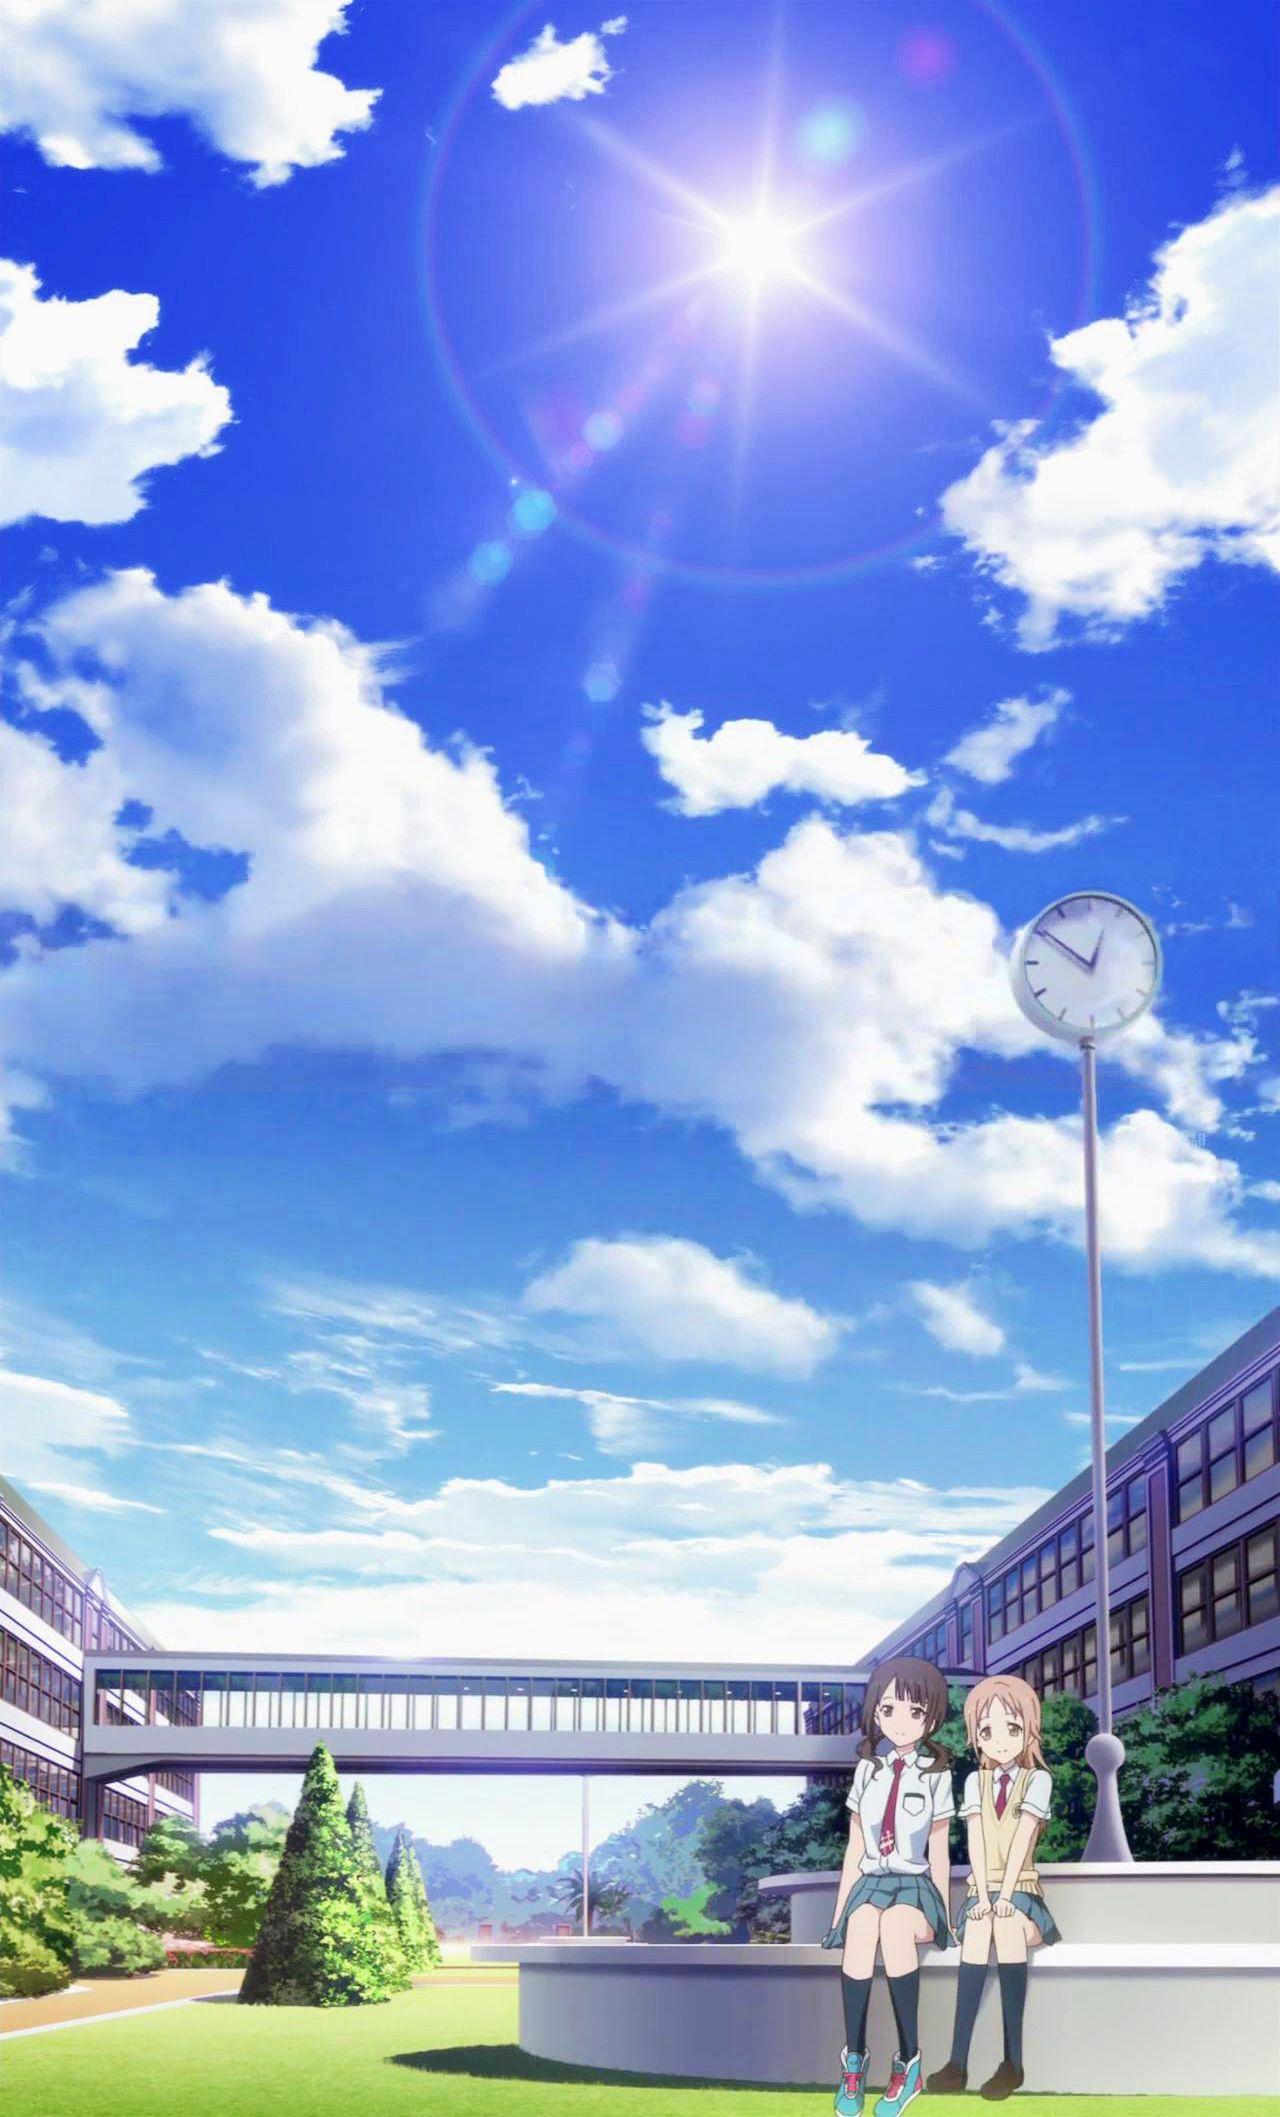 背景 壁纸 风景 天空 桌面 1280_2117 竖版 竖屏 手机